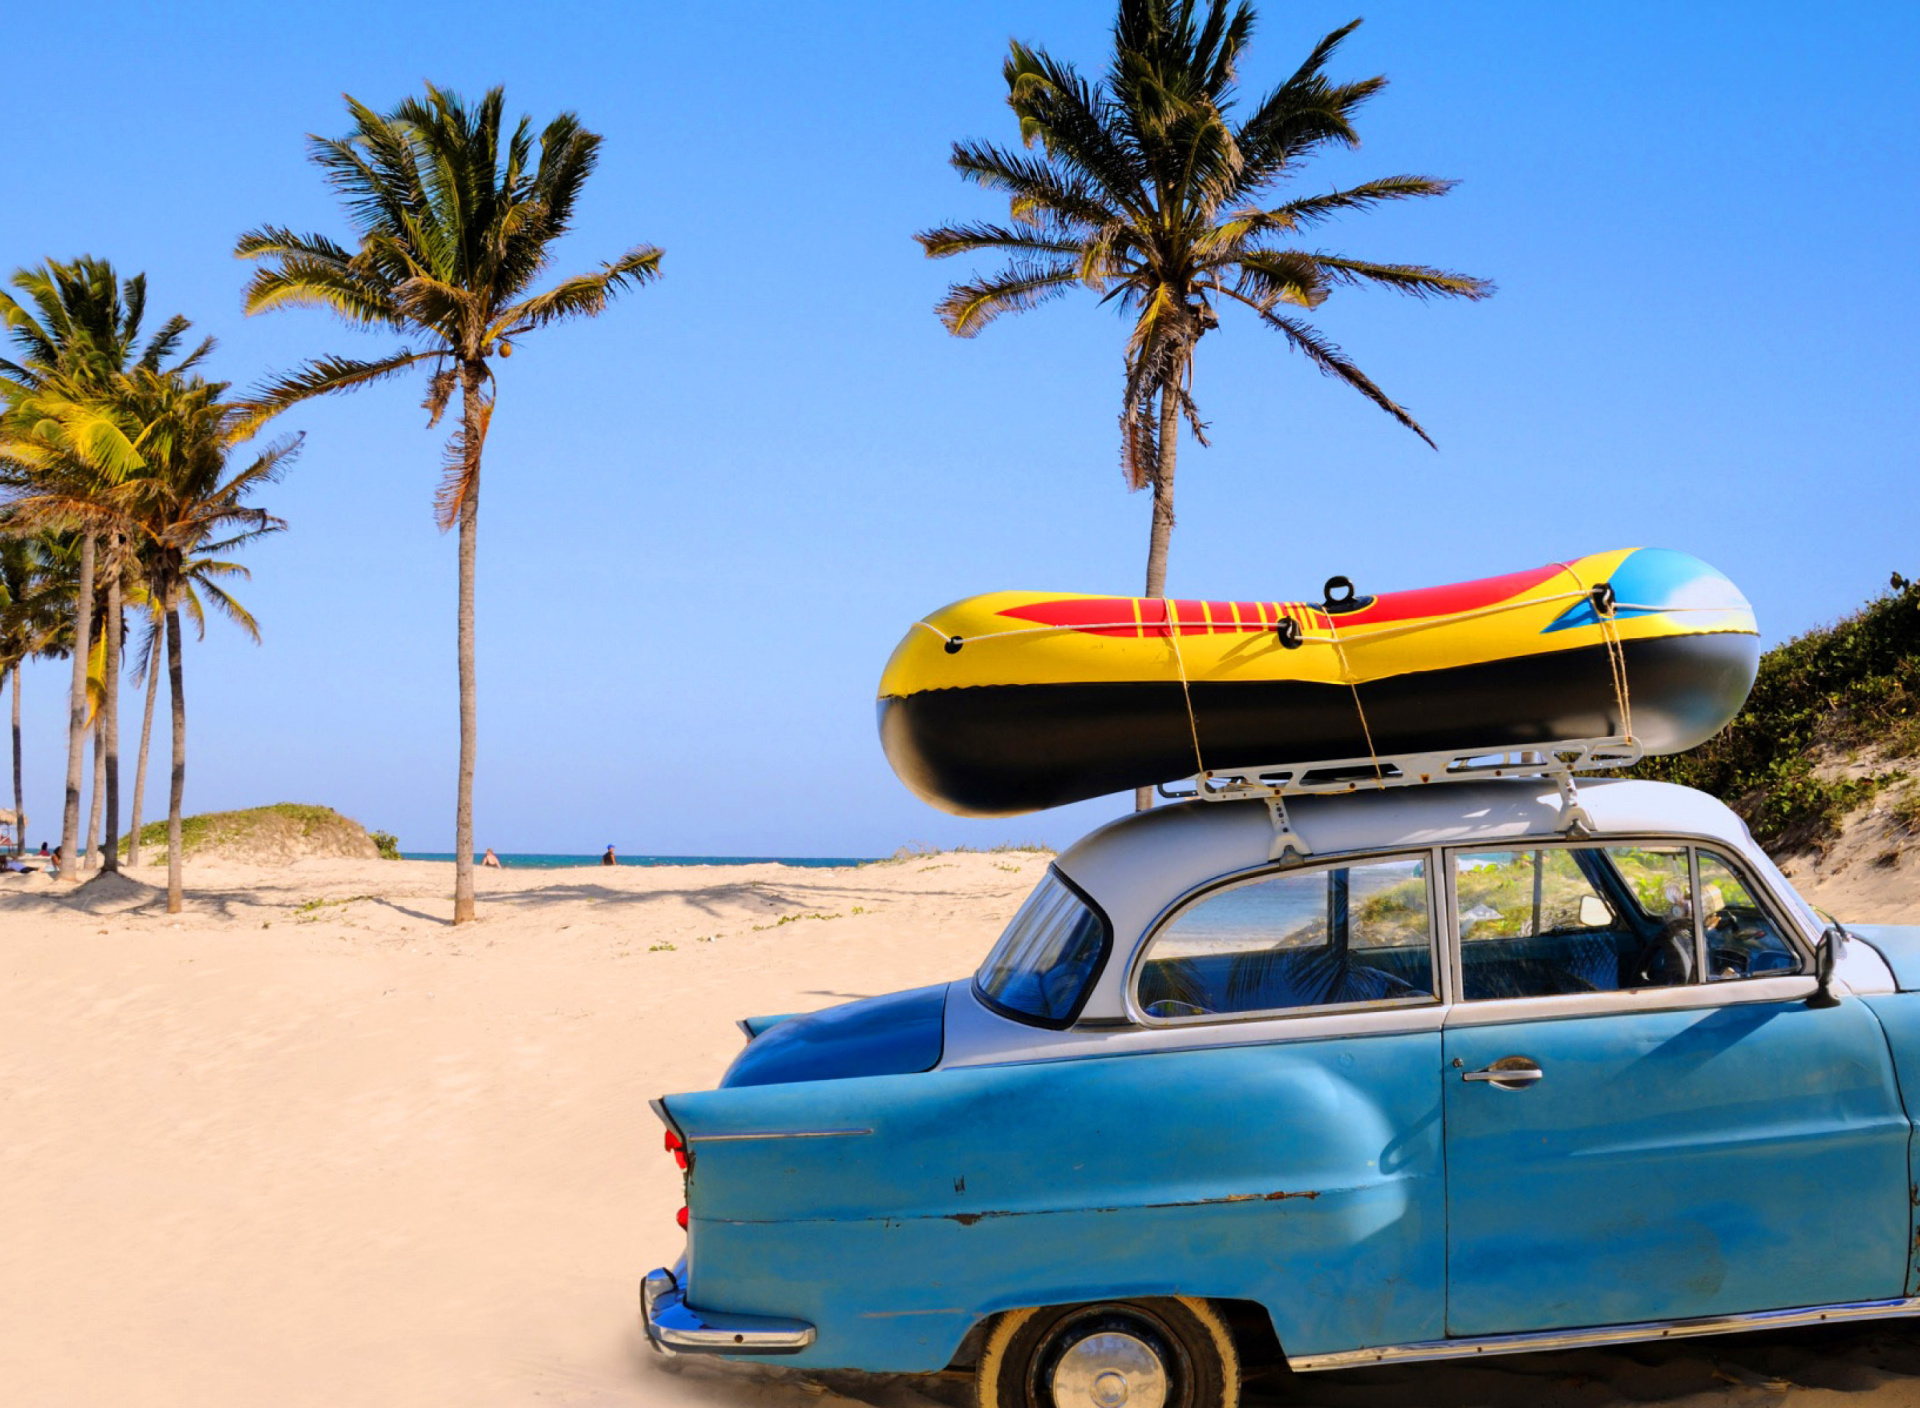 Поздравление днем, картинки о путешествии к морю на авто